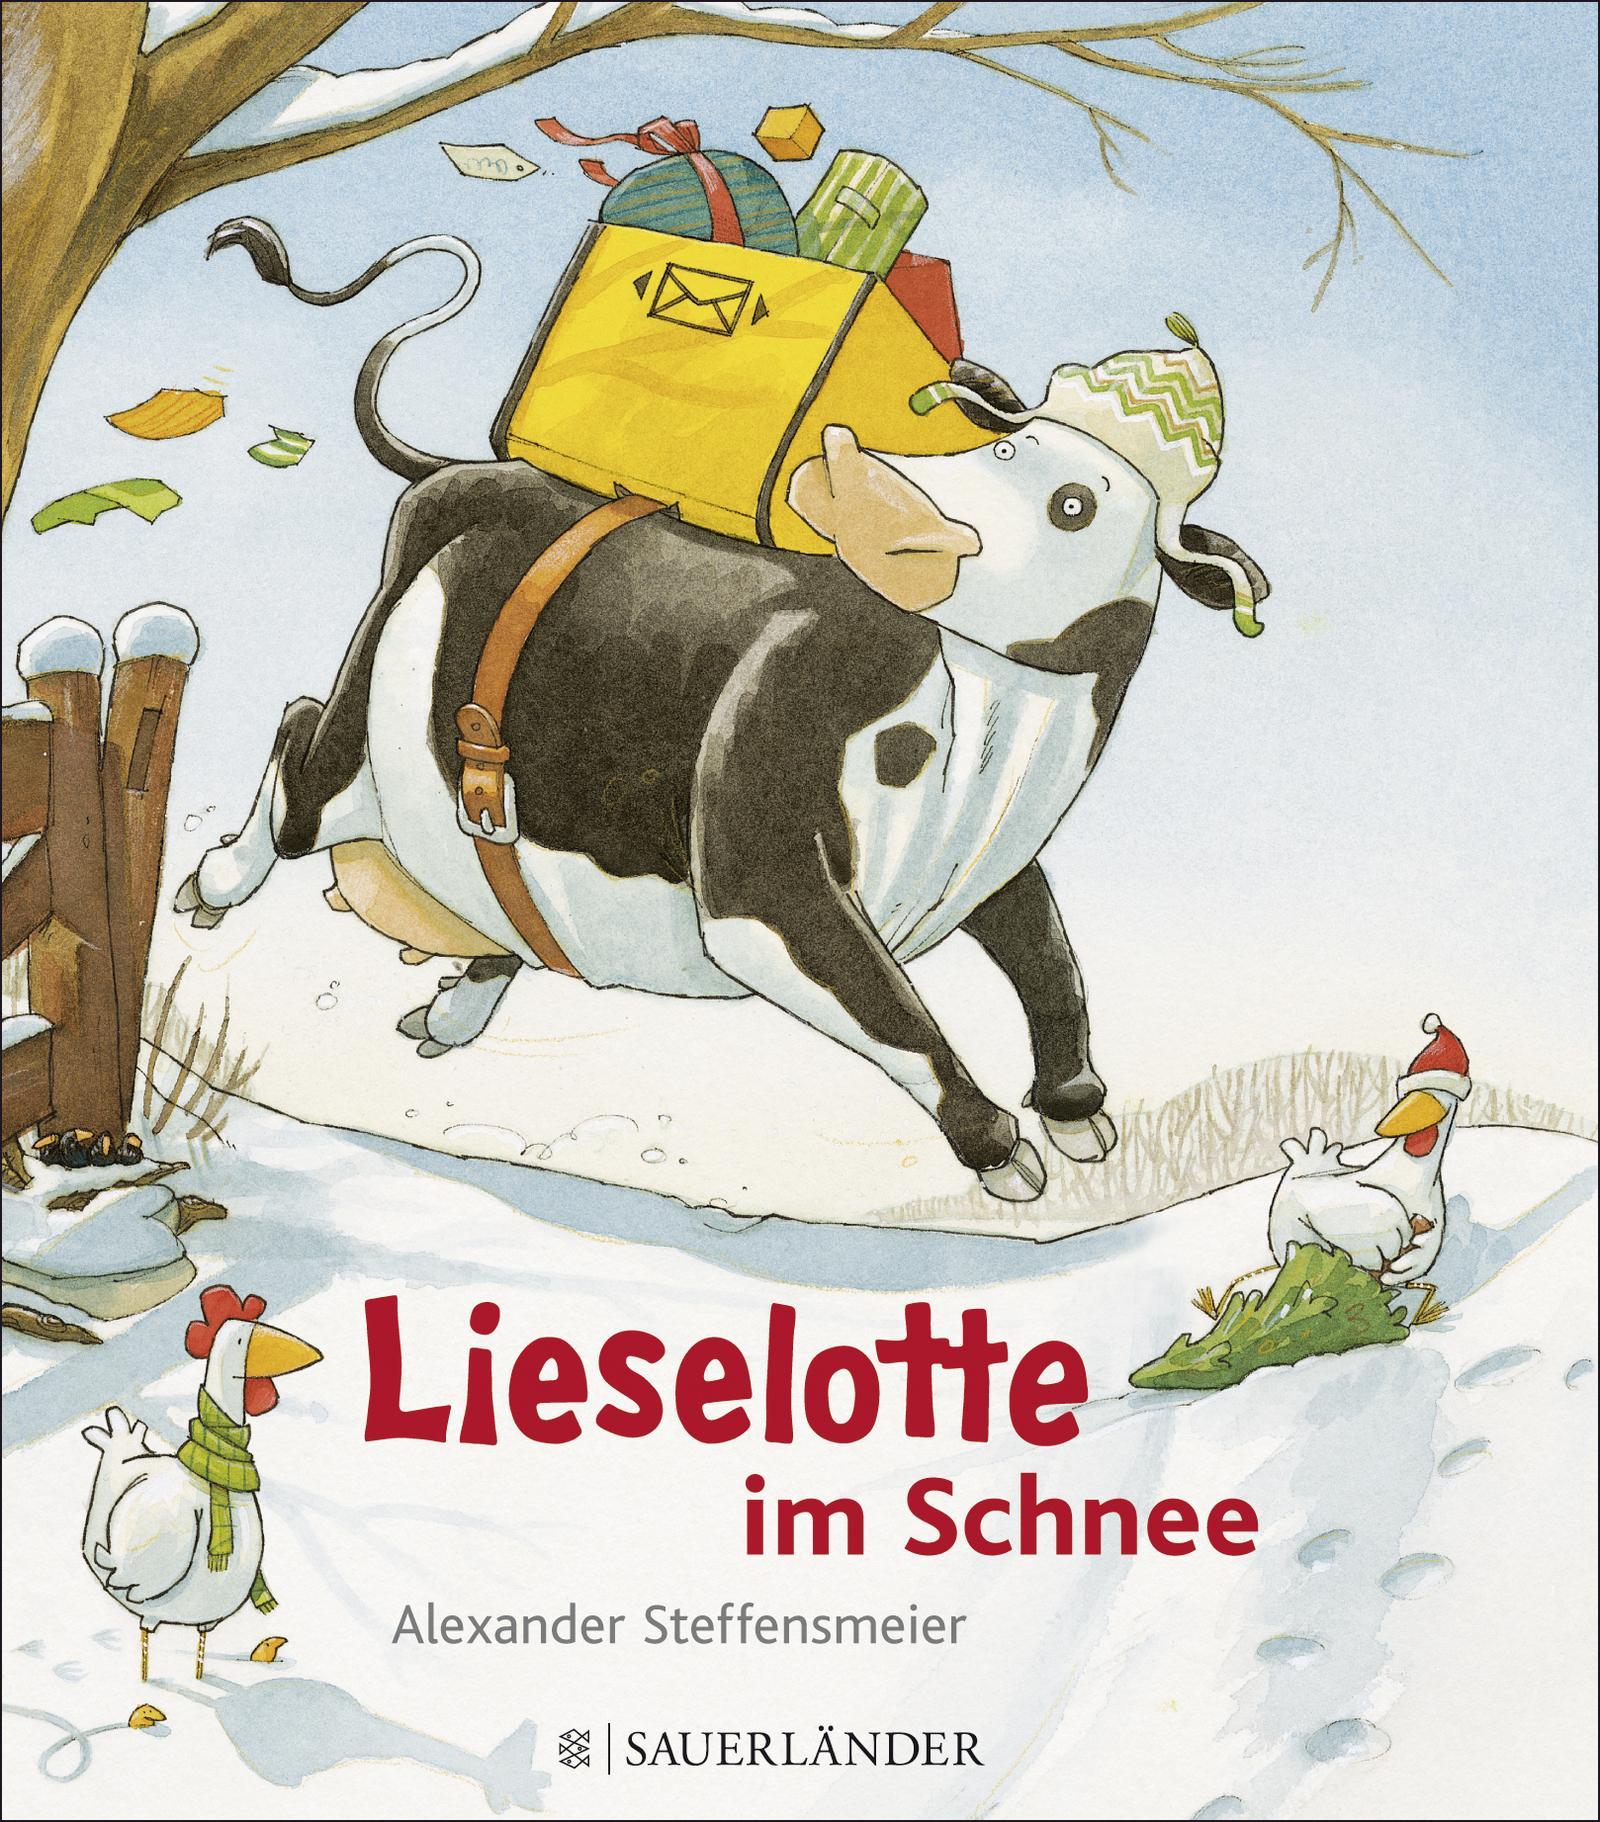 Lieselotte im Schnee Mini, Alexander Steffensmeier